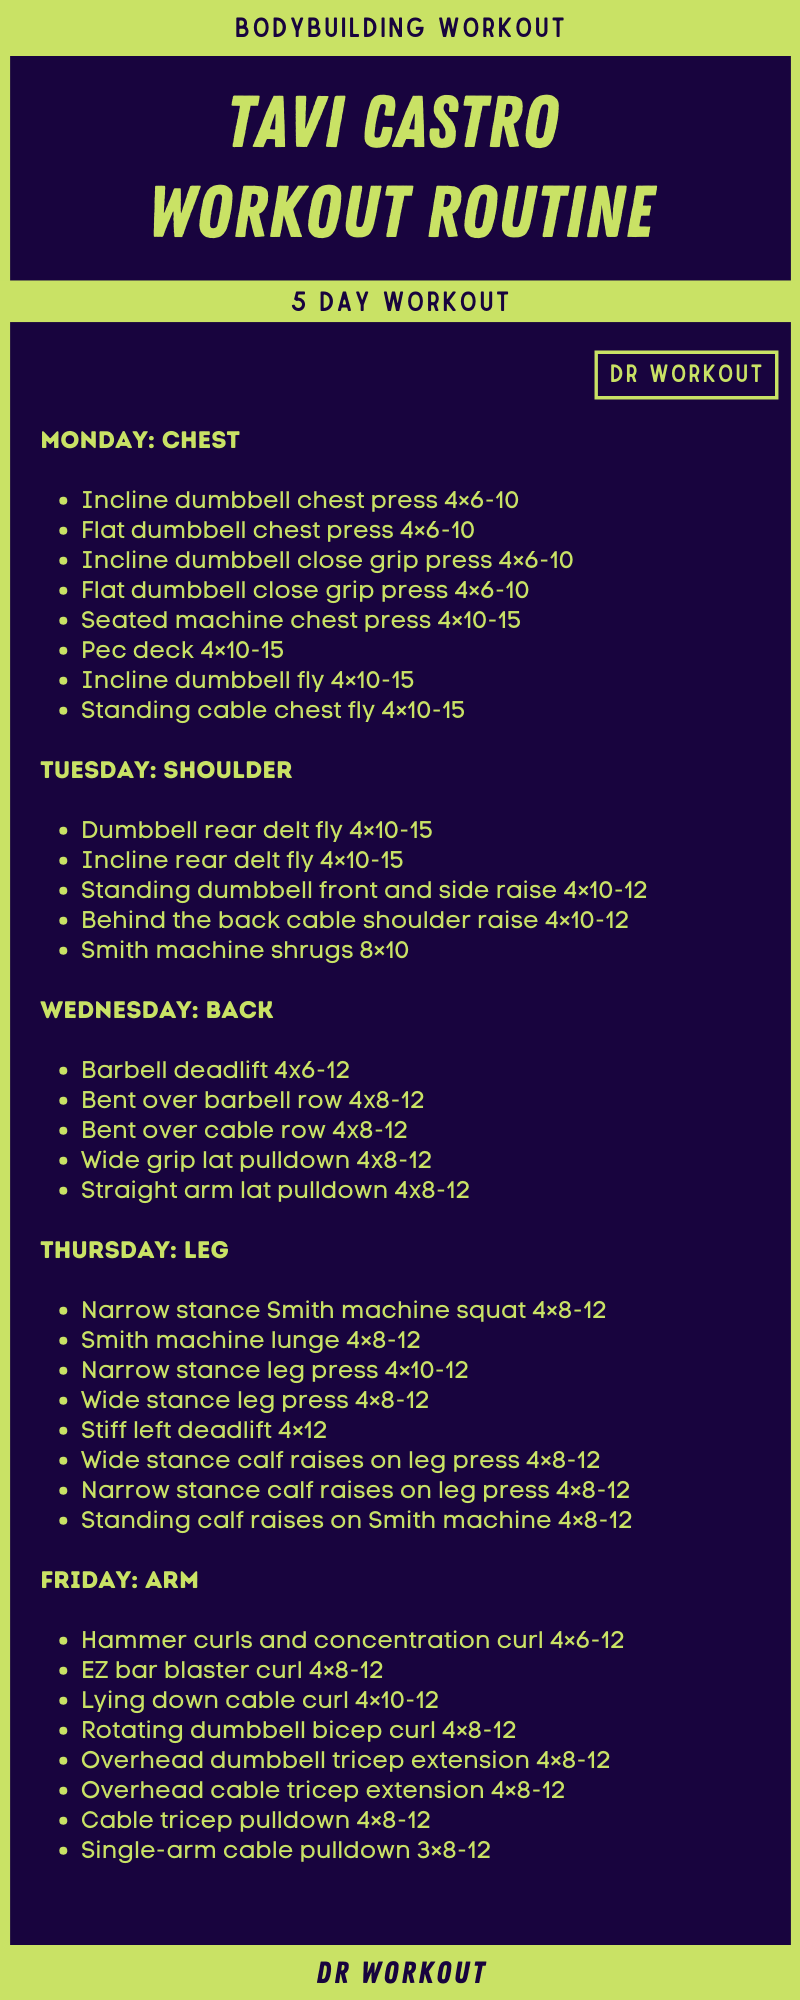 Tavi Castro Workout Routine